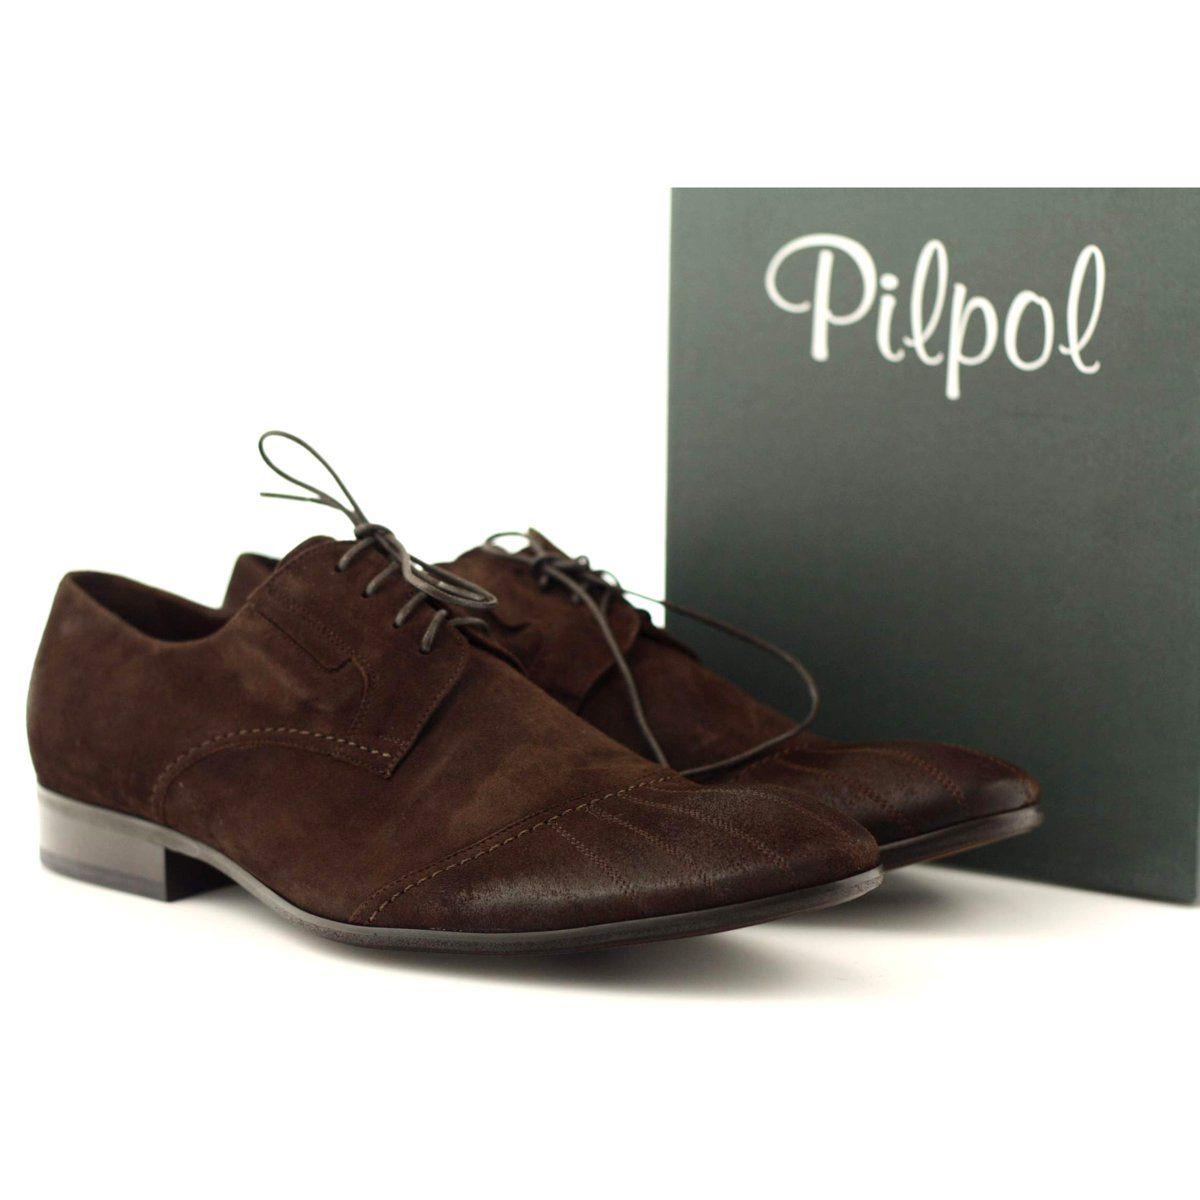 Polbuty Buty Skorzane Nubukowe Pilpol 1122 Brazowe Wielokolorowe Dress Shoes Men Shoes Elegant Heels